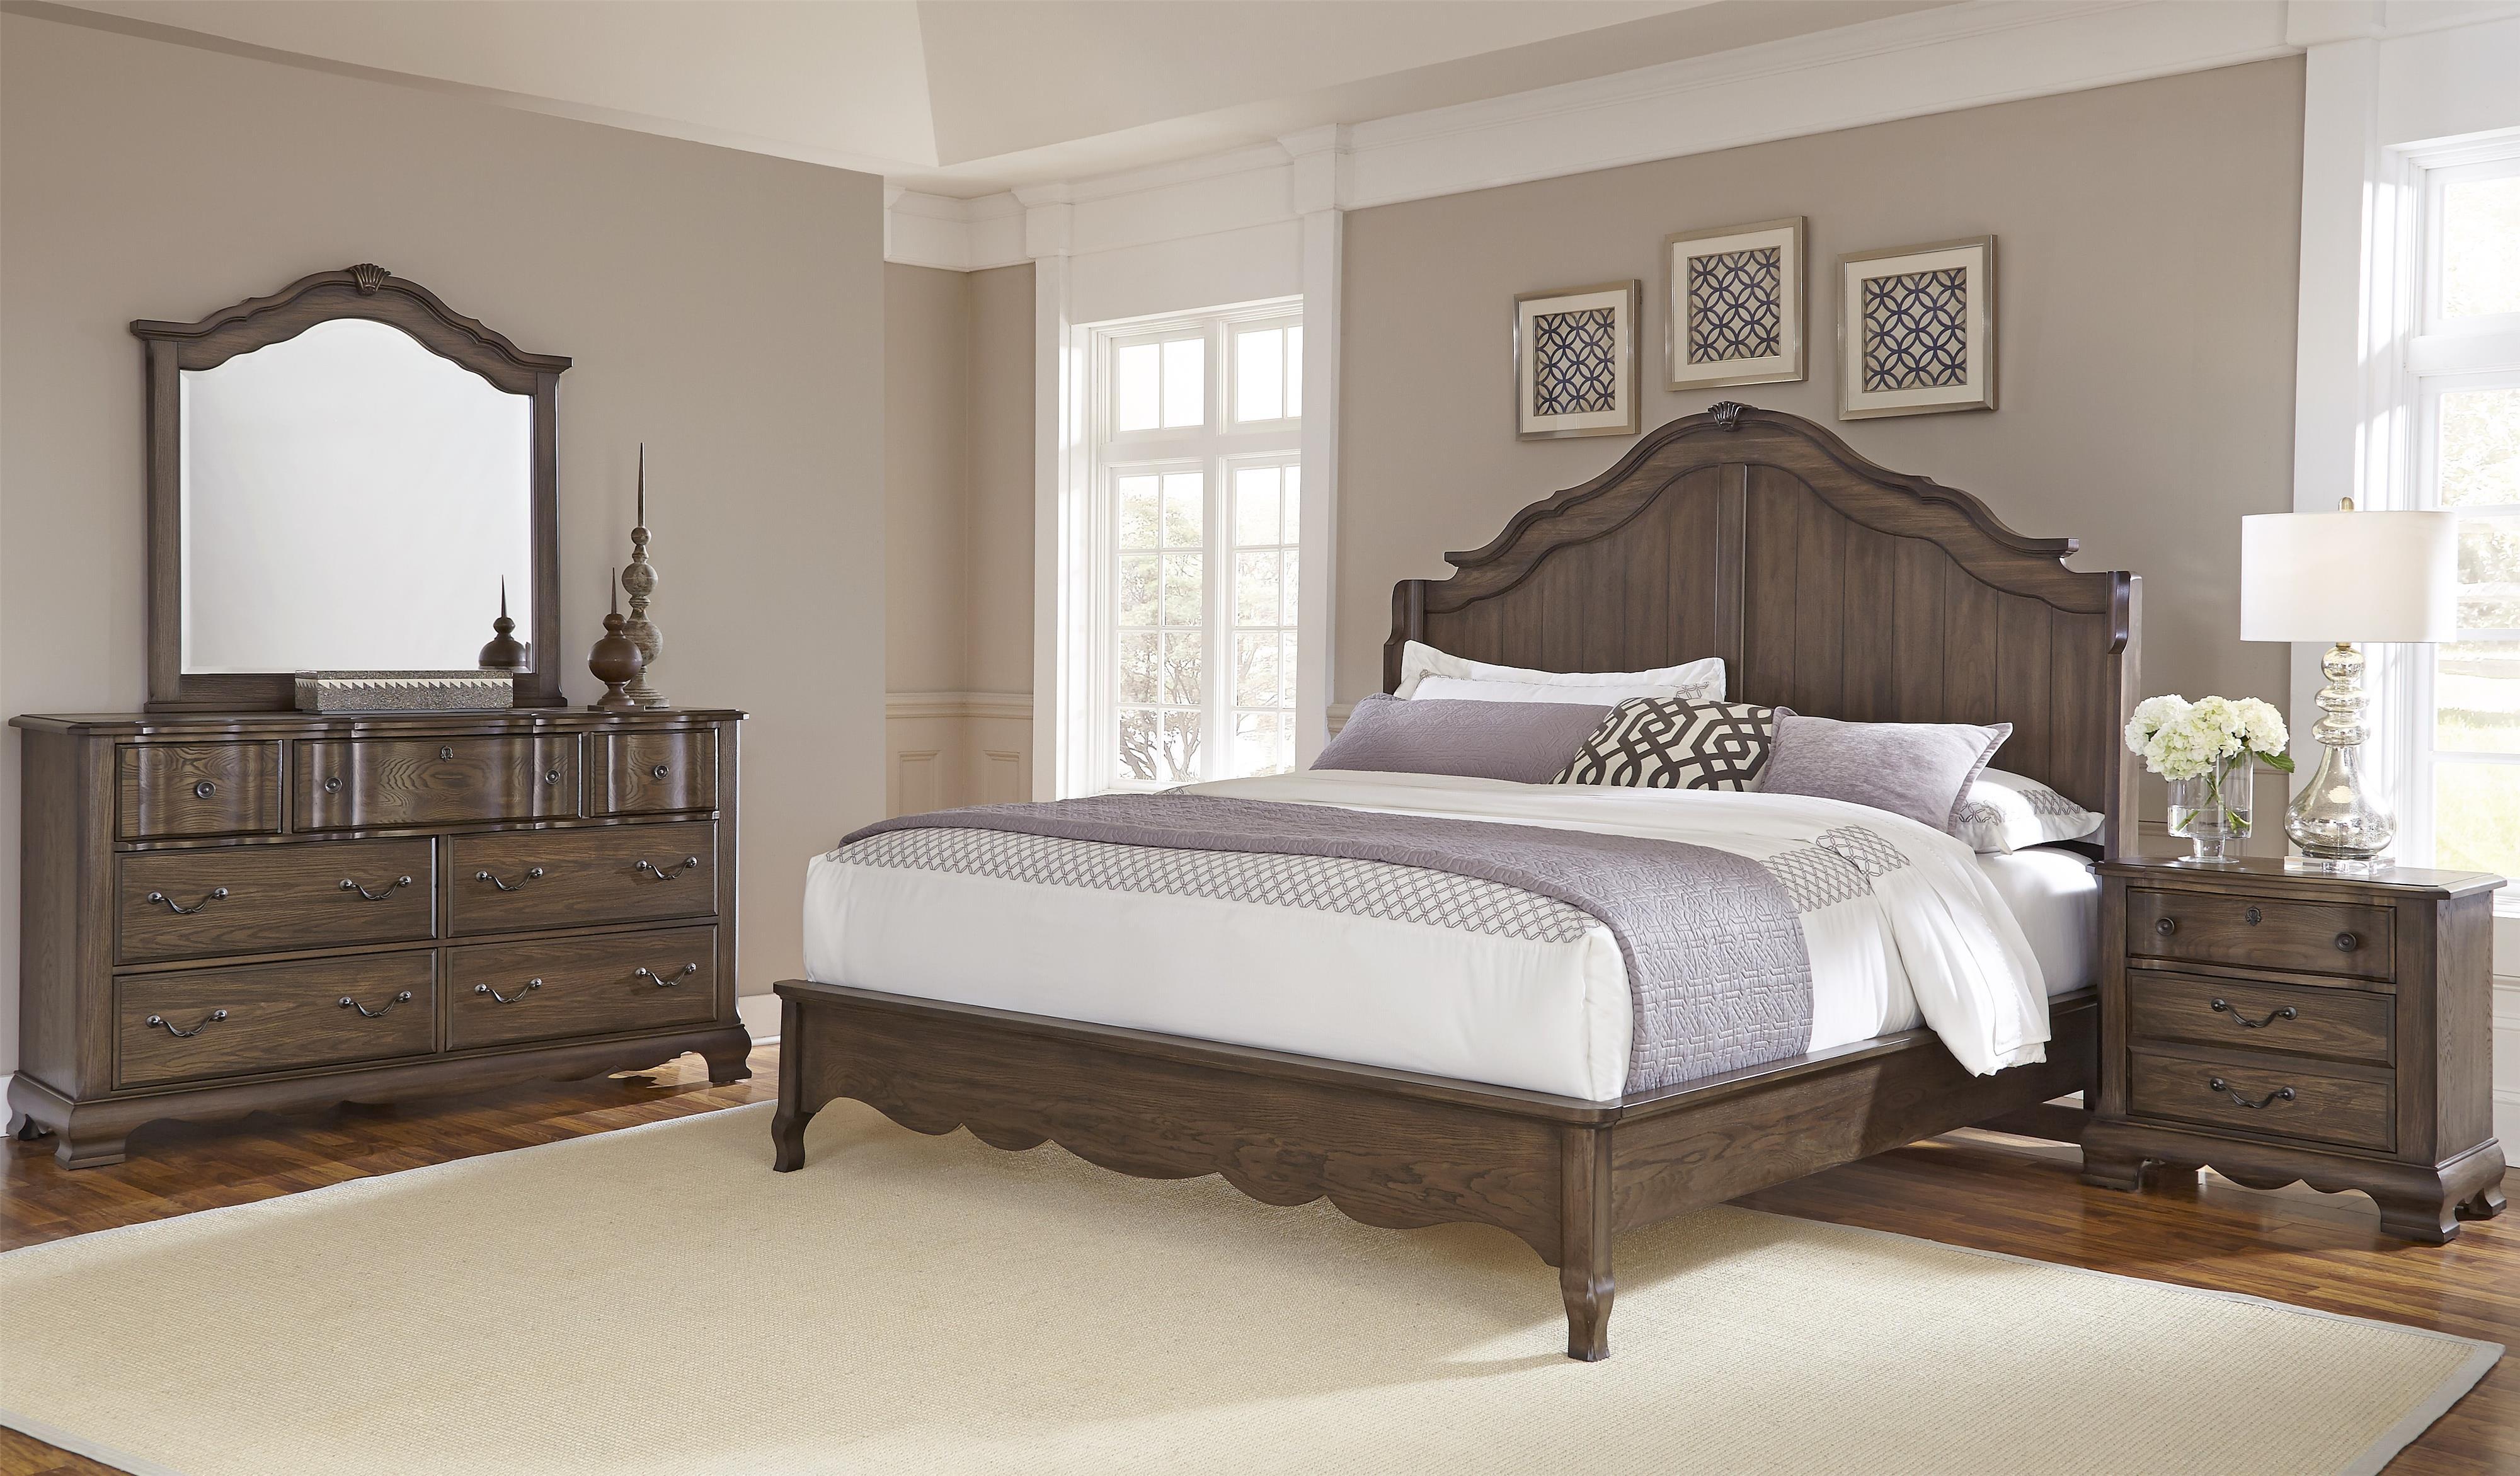 Vaughan Bassett Villa Sophia Queen Bedroom Group Dunk Bright Furnitur